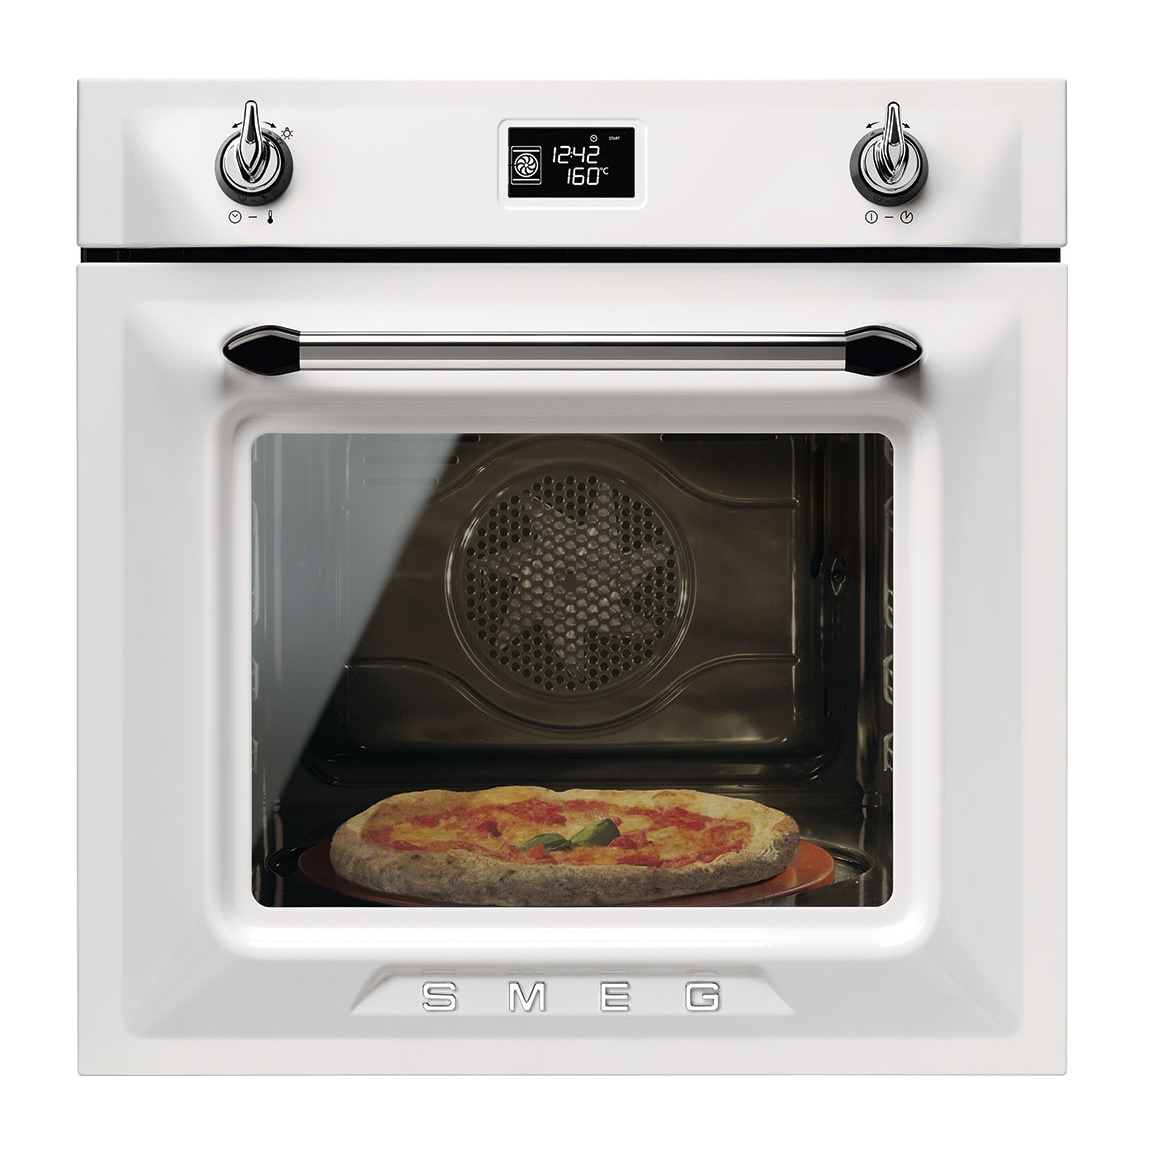 Smeg SFP6925BPZE1 Oven